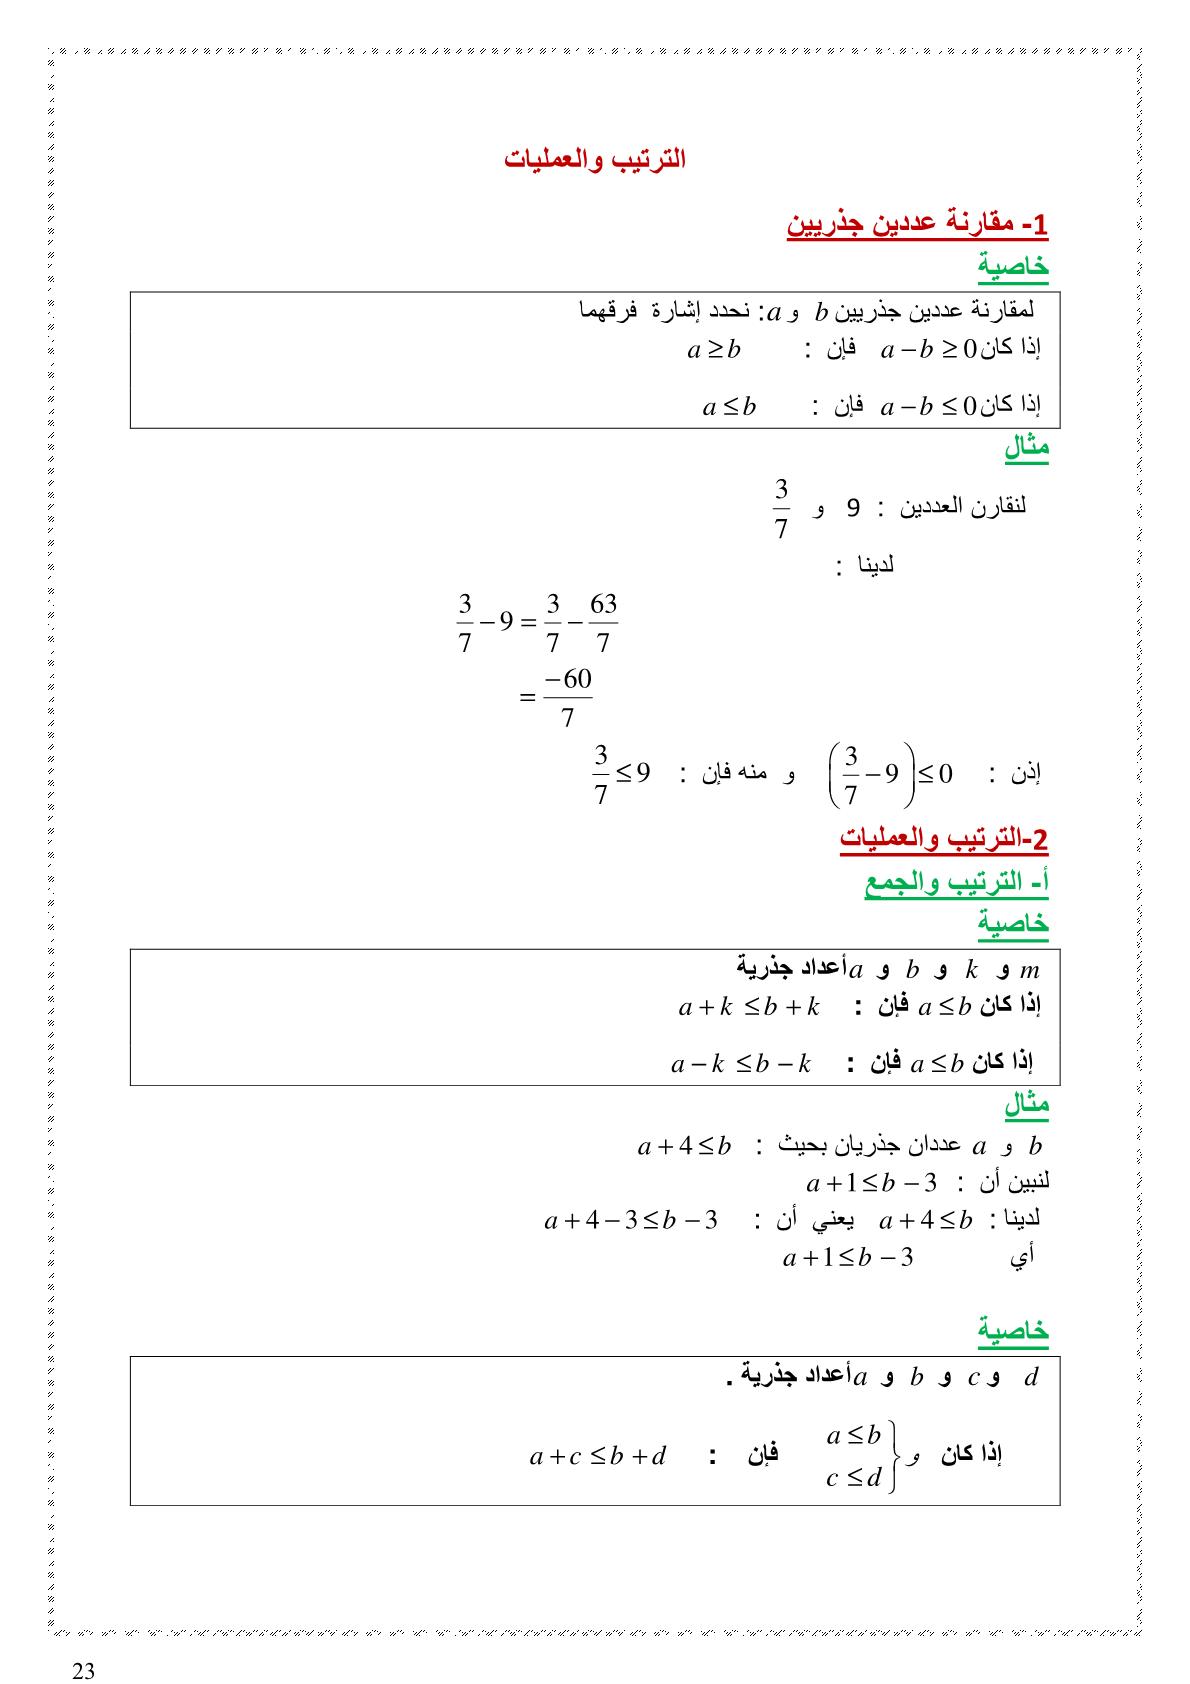 درس ترتيب الأعداد الجذرية والعمليات للسنة الثانية اعدادي